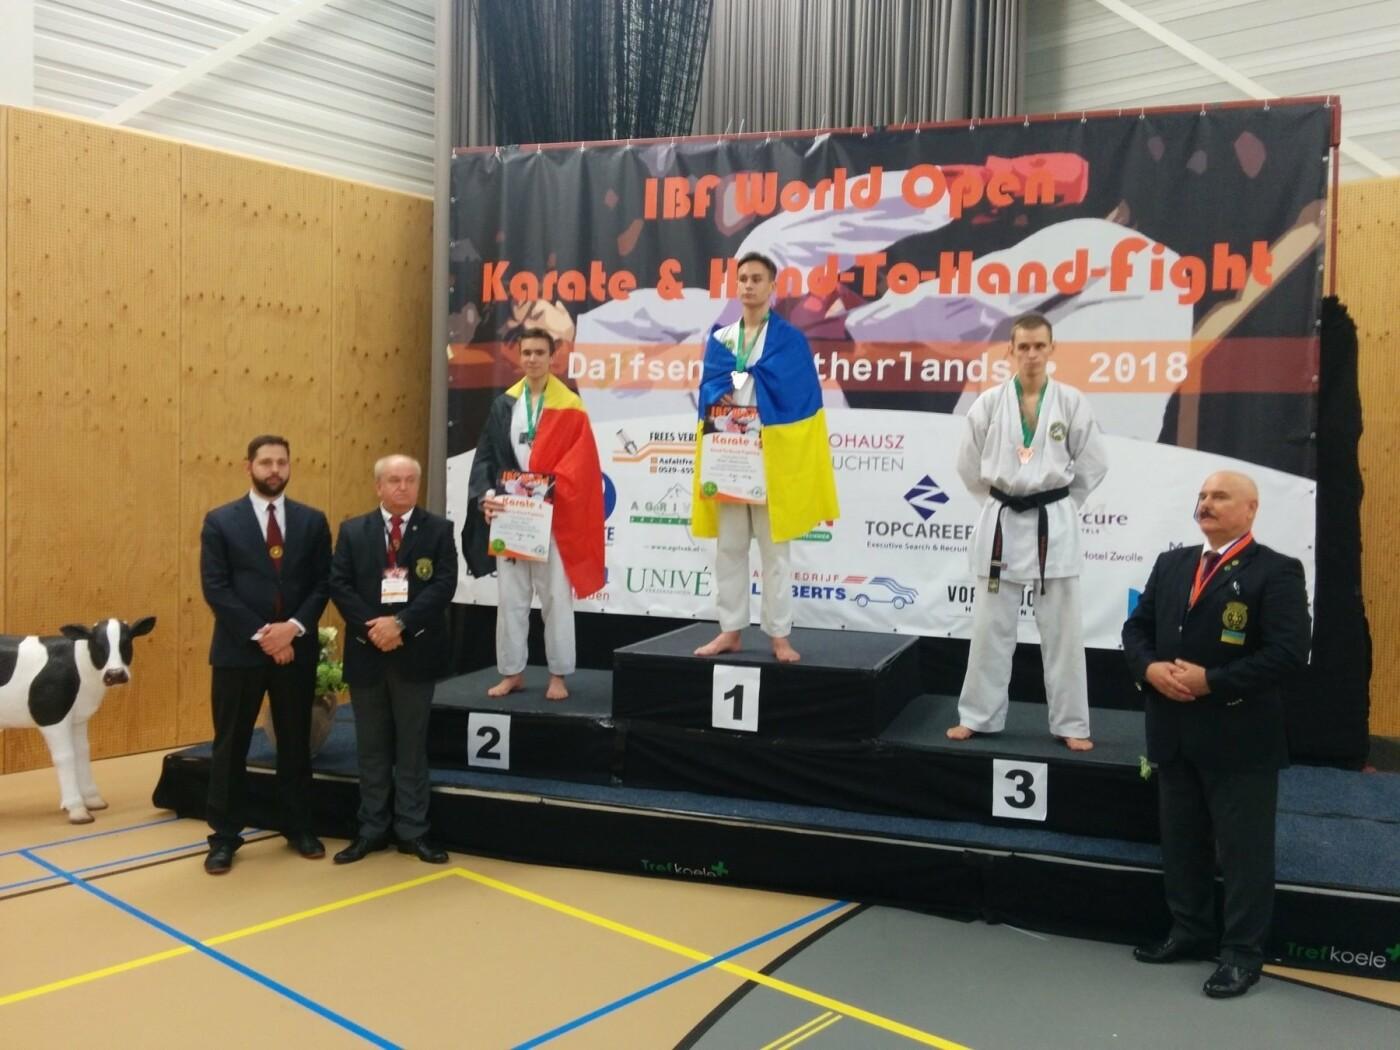 Днепровские спортсмены в составе сборной Украины заняли первое место на чемпионате мира по рукопашному бою,  - ФОТО, фото-2